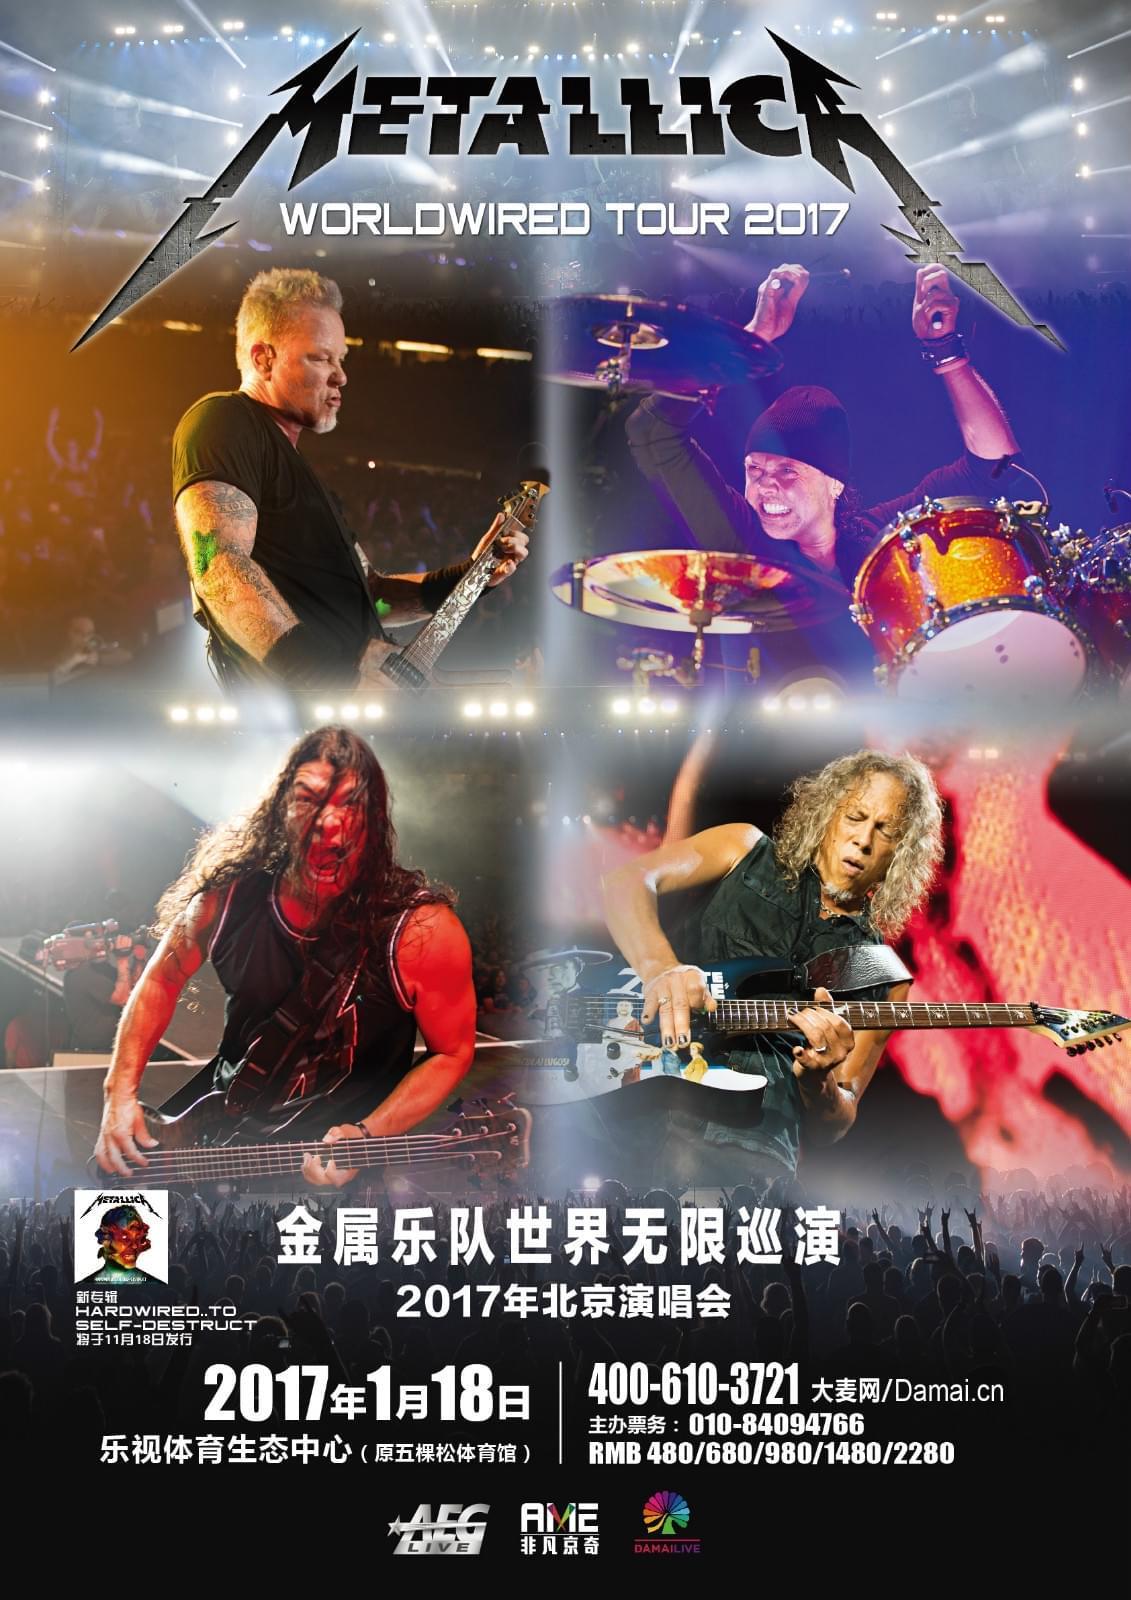 传奇乐队Metallica。